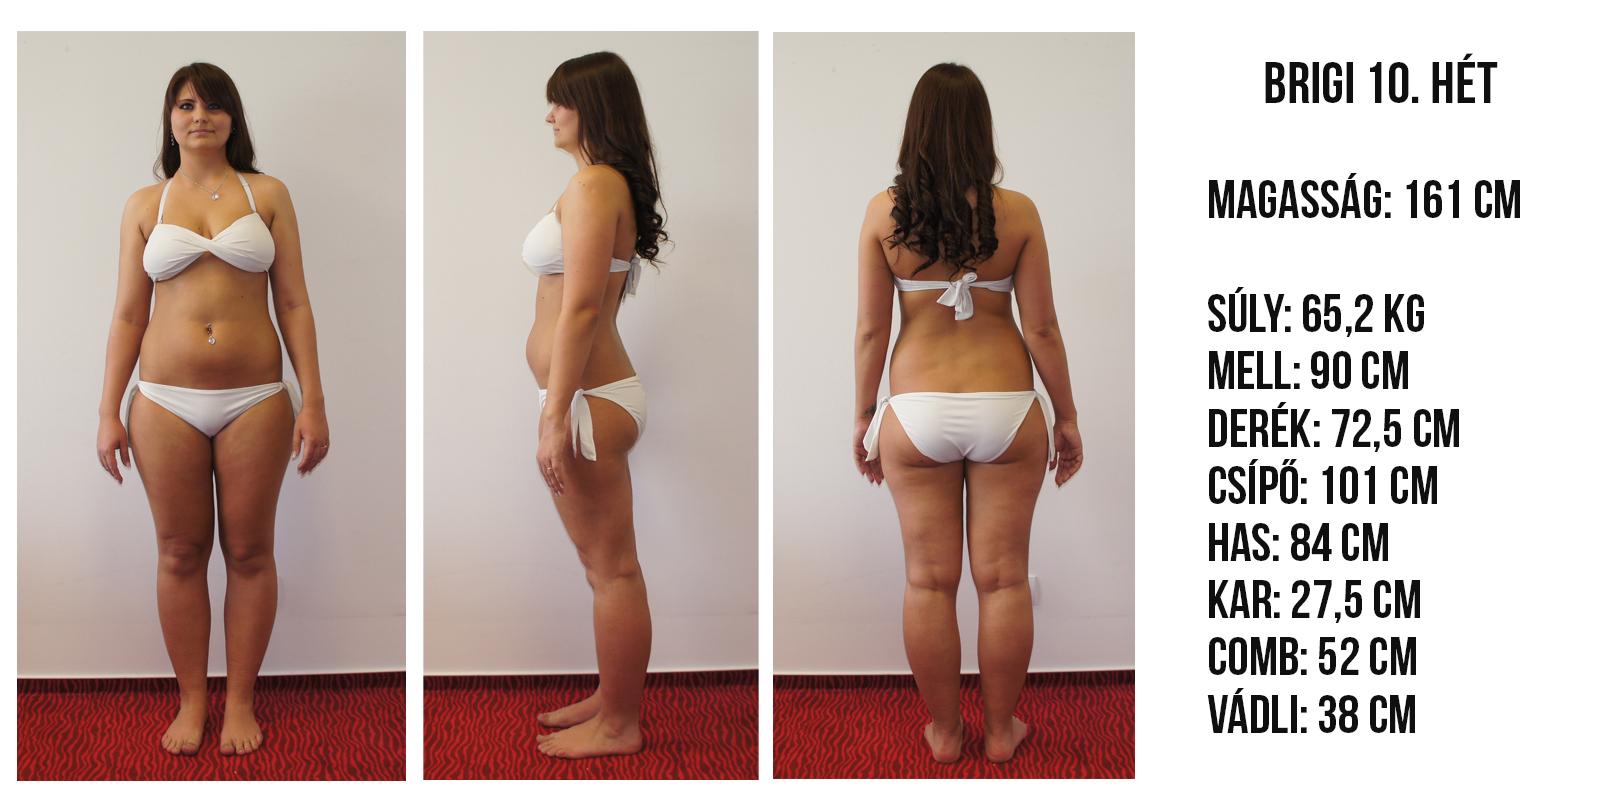 hogyan lehet fogyni és fitt lenni